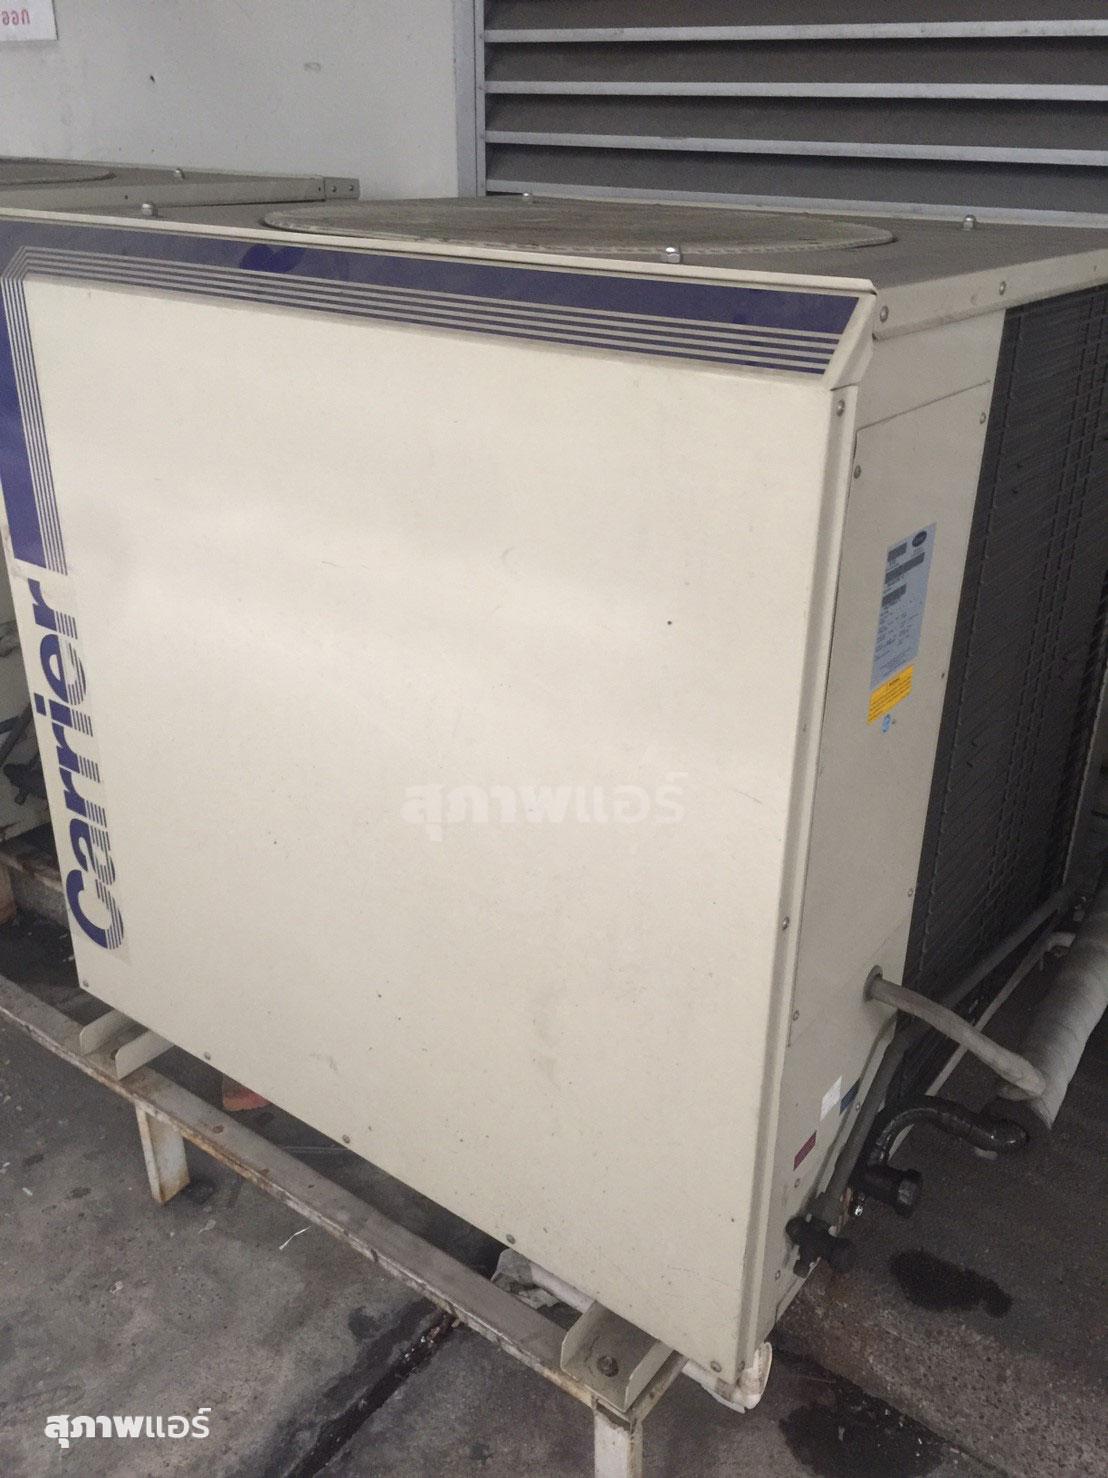 แอร์แคเรียร์มือสอง แบบตู้ตั้งพื้น (Floor Standing Type) ขนาด 120,000 BTU